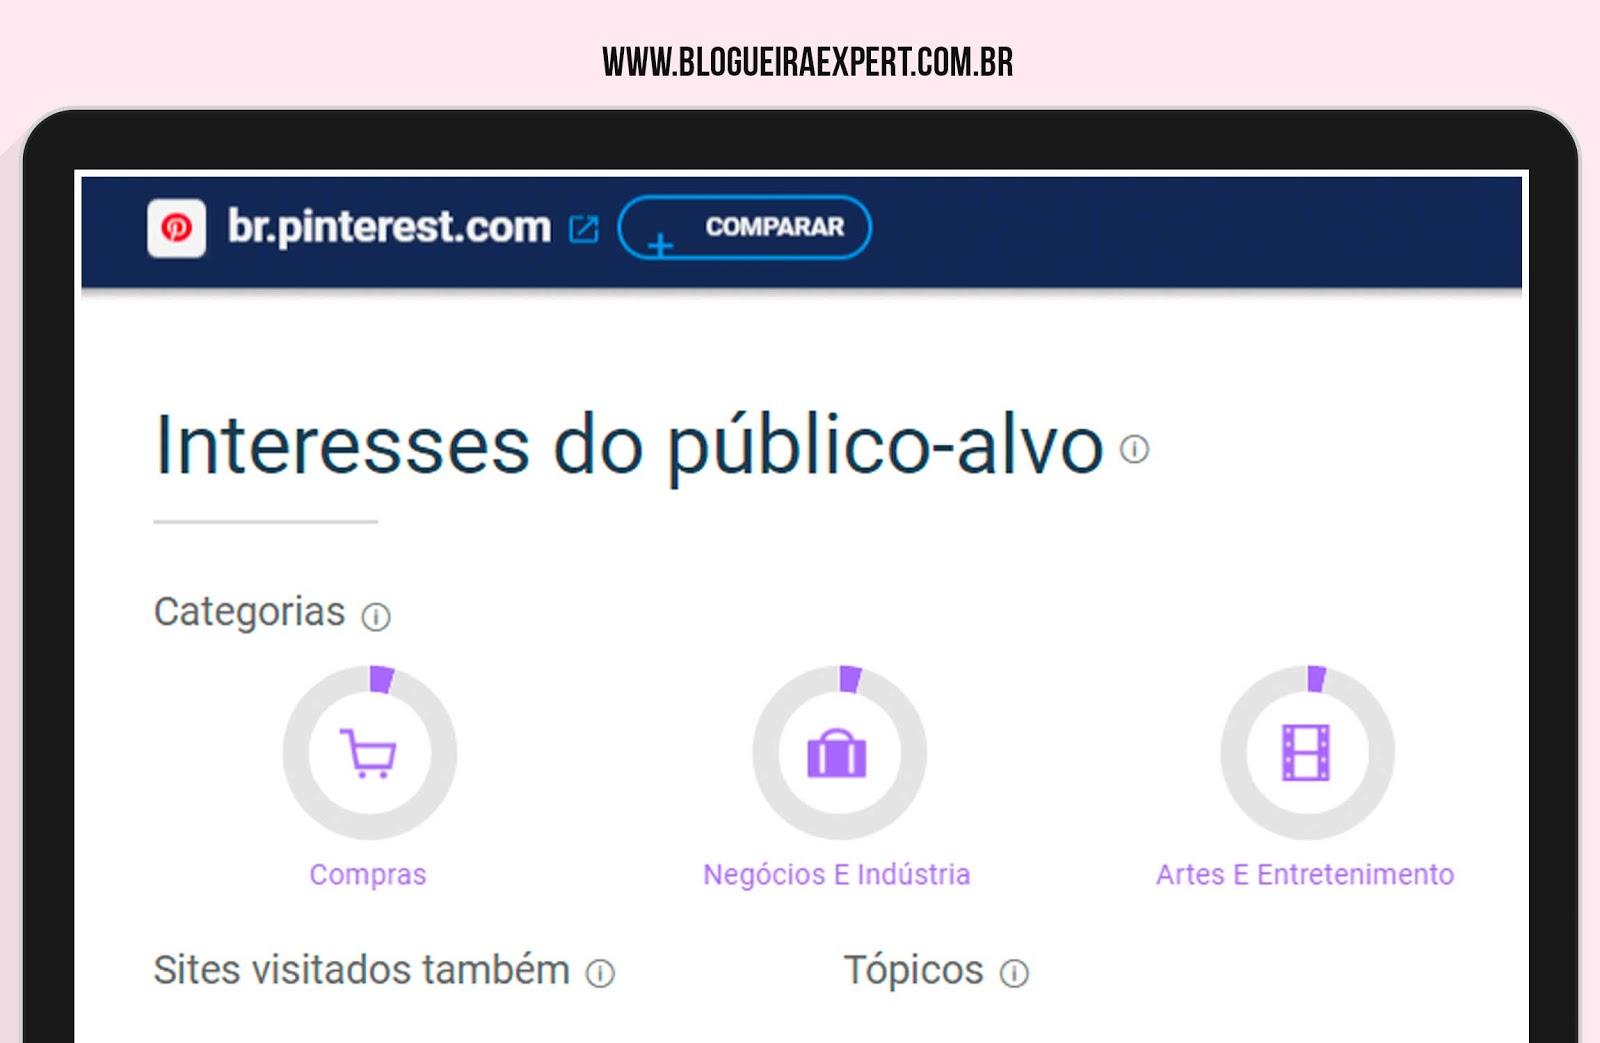 Como ganhar dinheiro no Pinterest? - 5 MANEIRAS